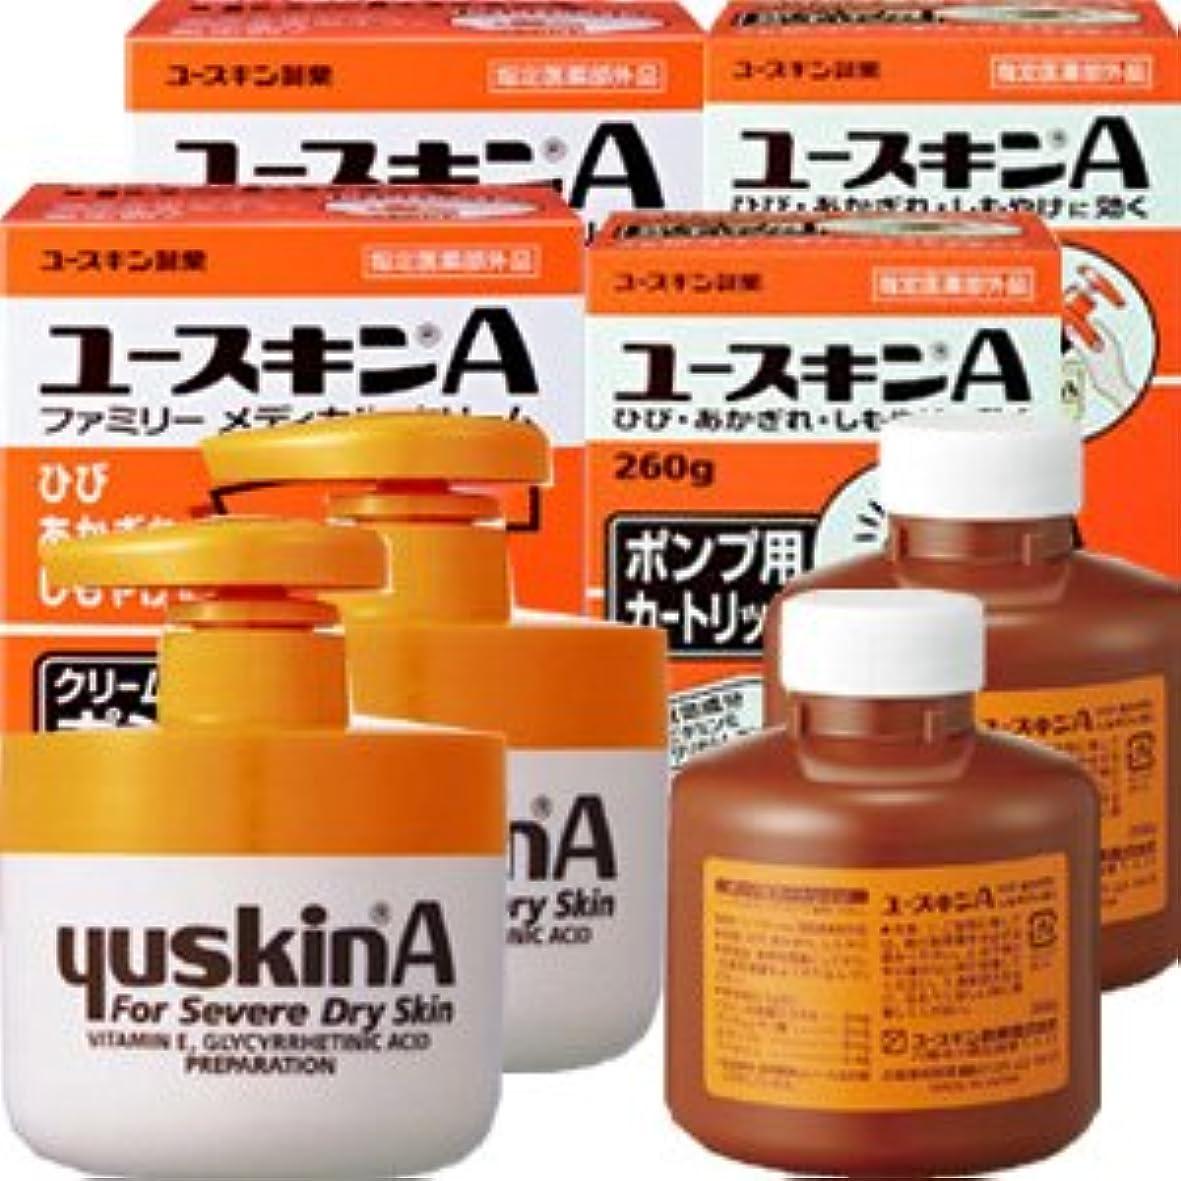 以下計り知れない広告するユースキンA ポンプ 260gx2個+カートリッジ260gx2個 本体2個と詰替え2個セット